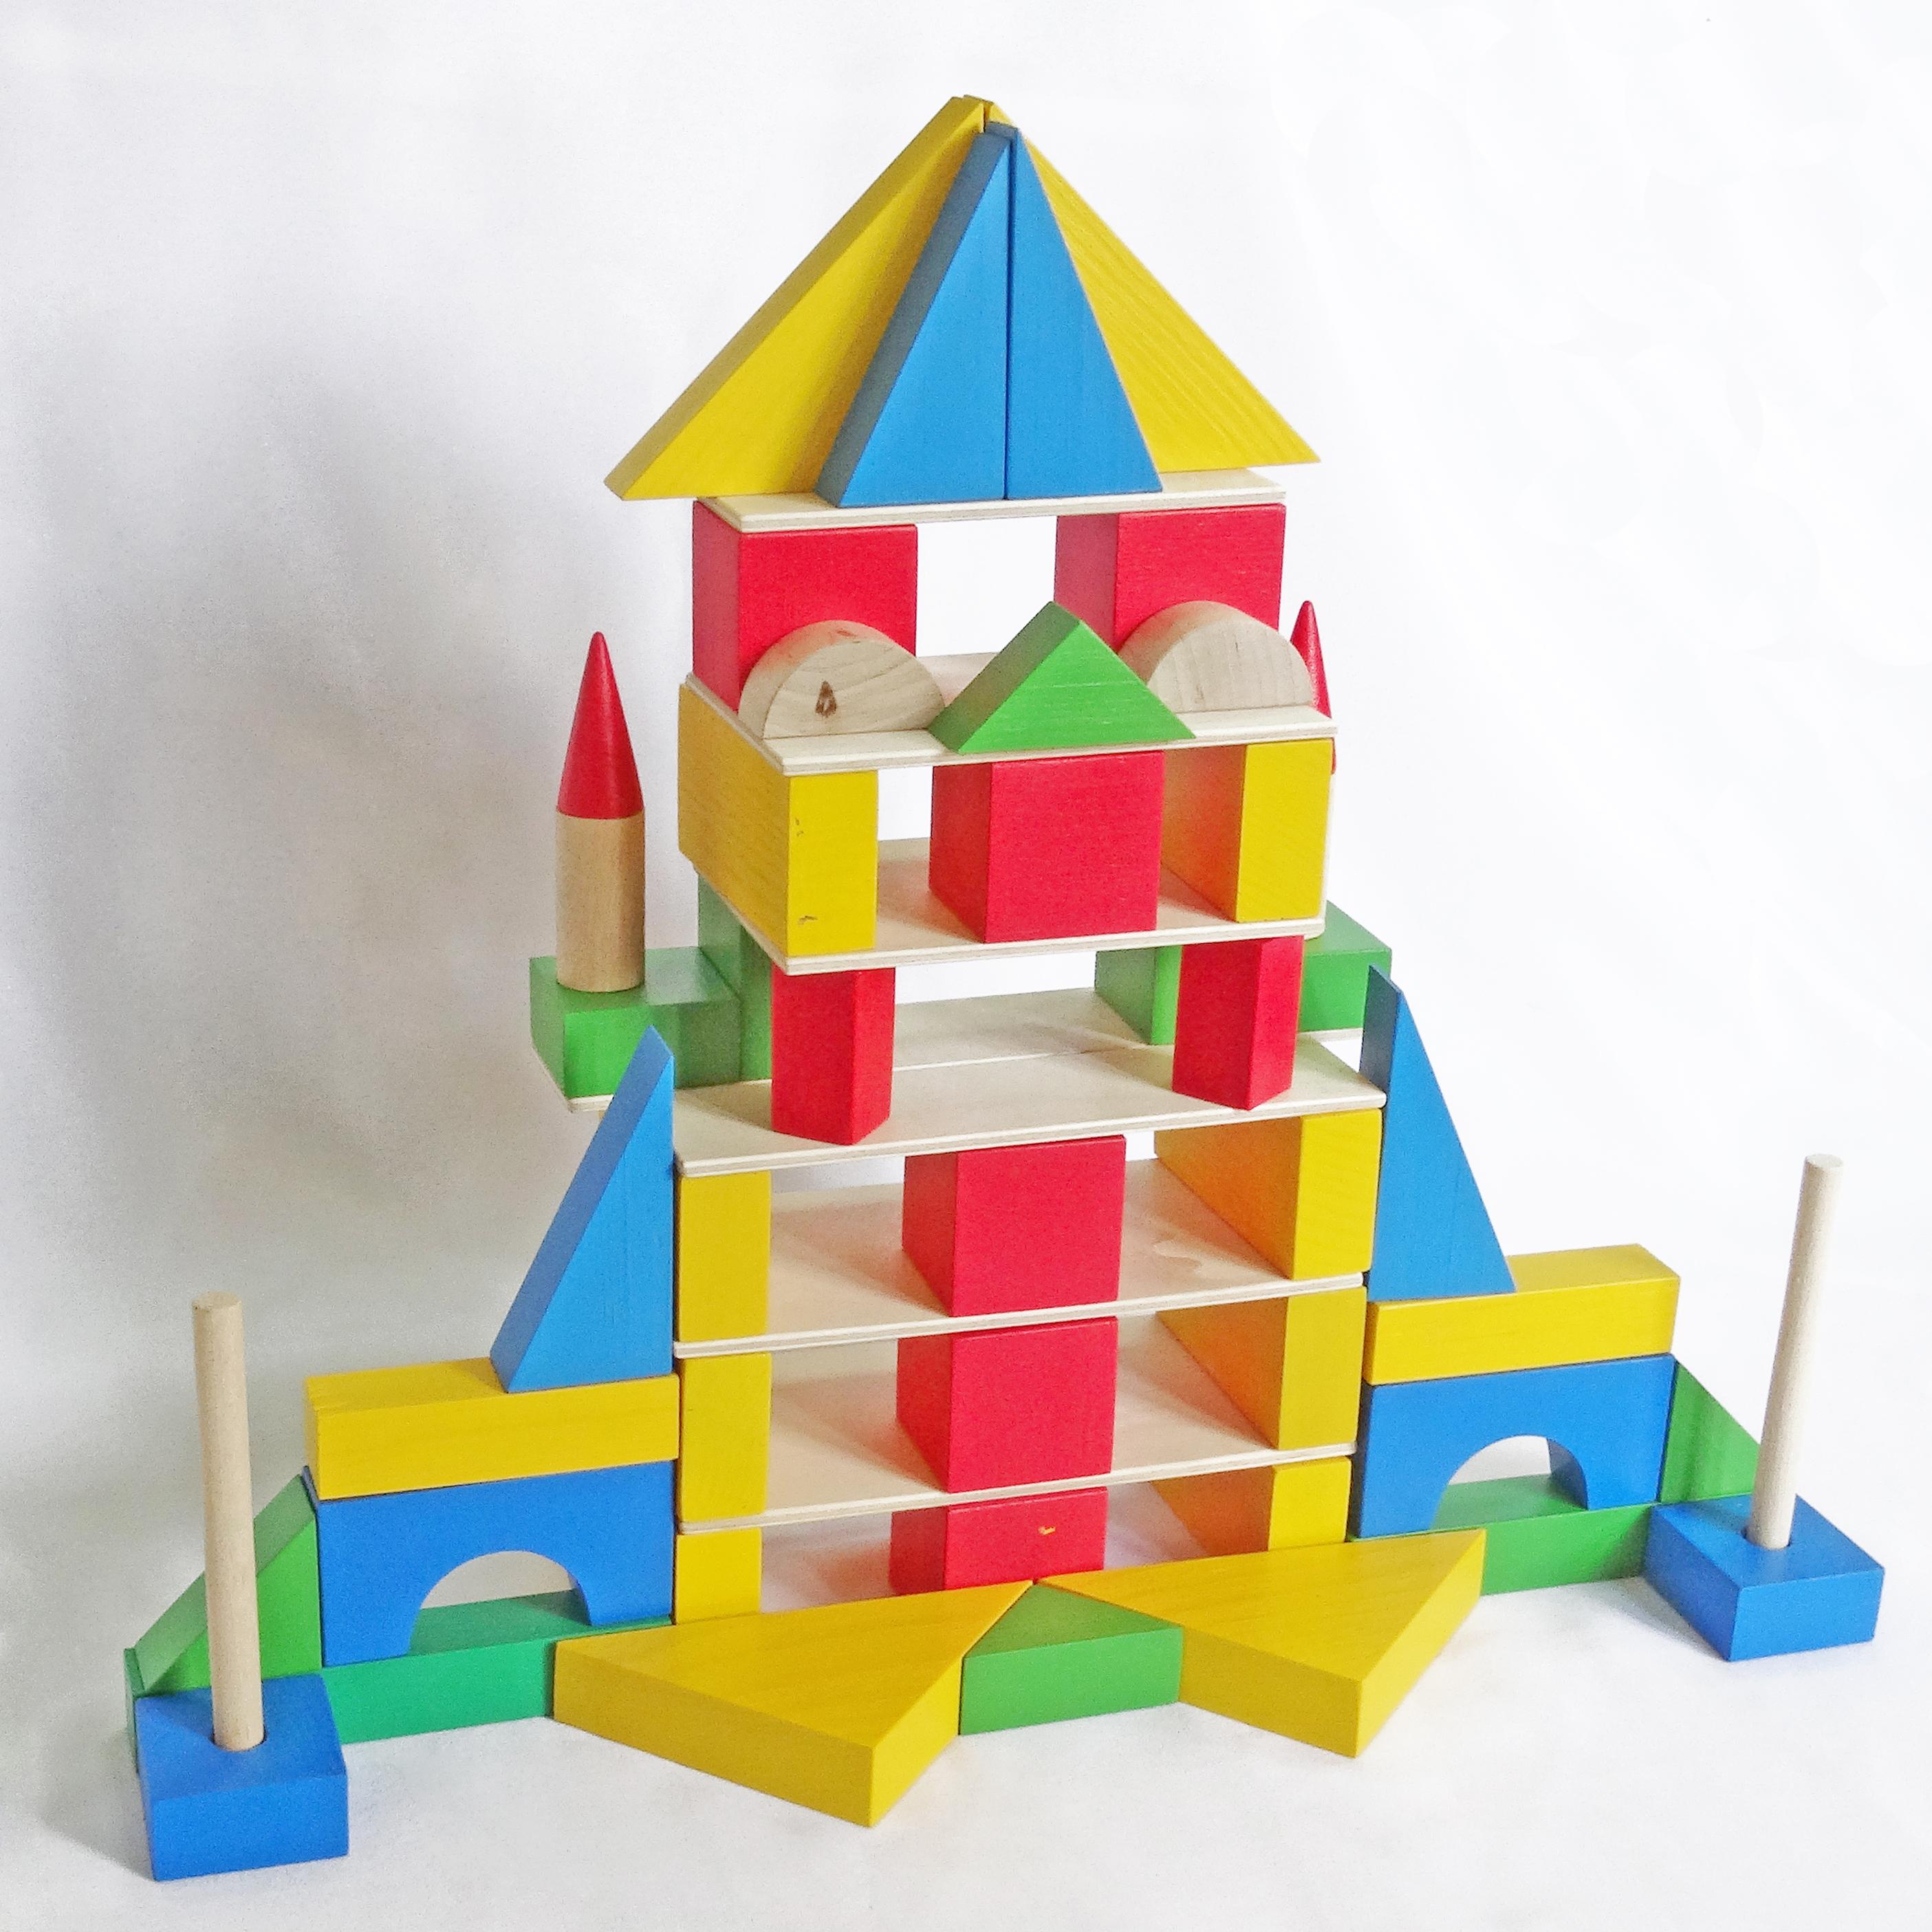 Кубики Конструктор детский настольный из дерева СТРОИТЕЛЬ – 55 элементов красный, синий, желтый, зеленый, бежевый